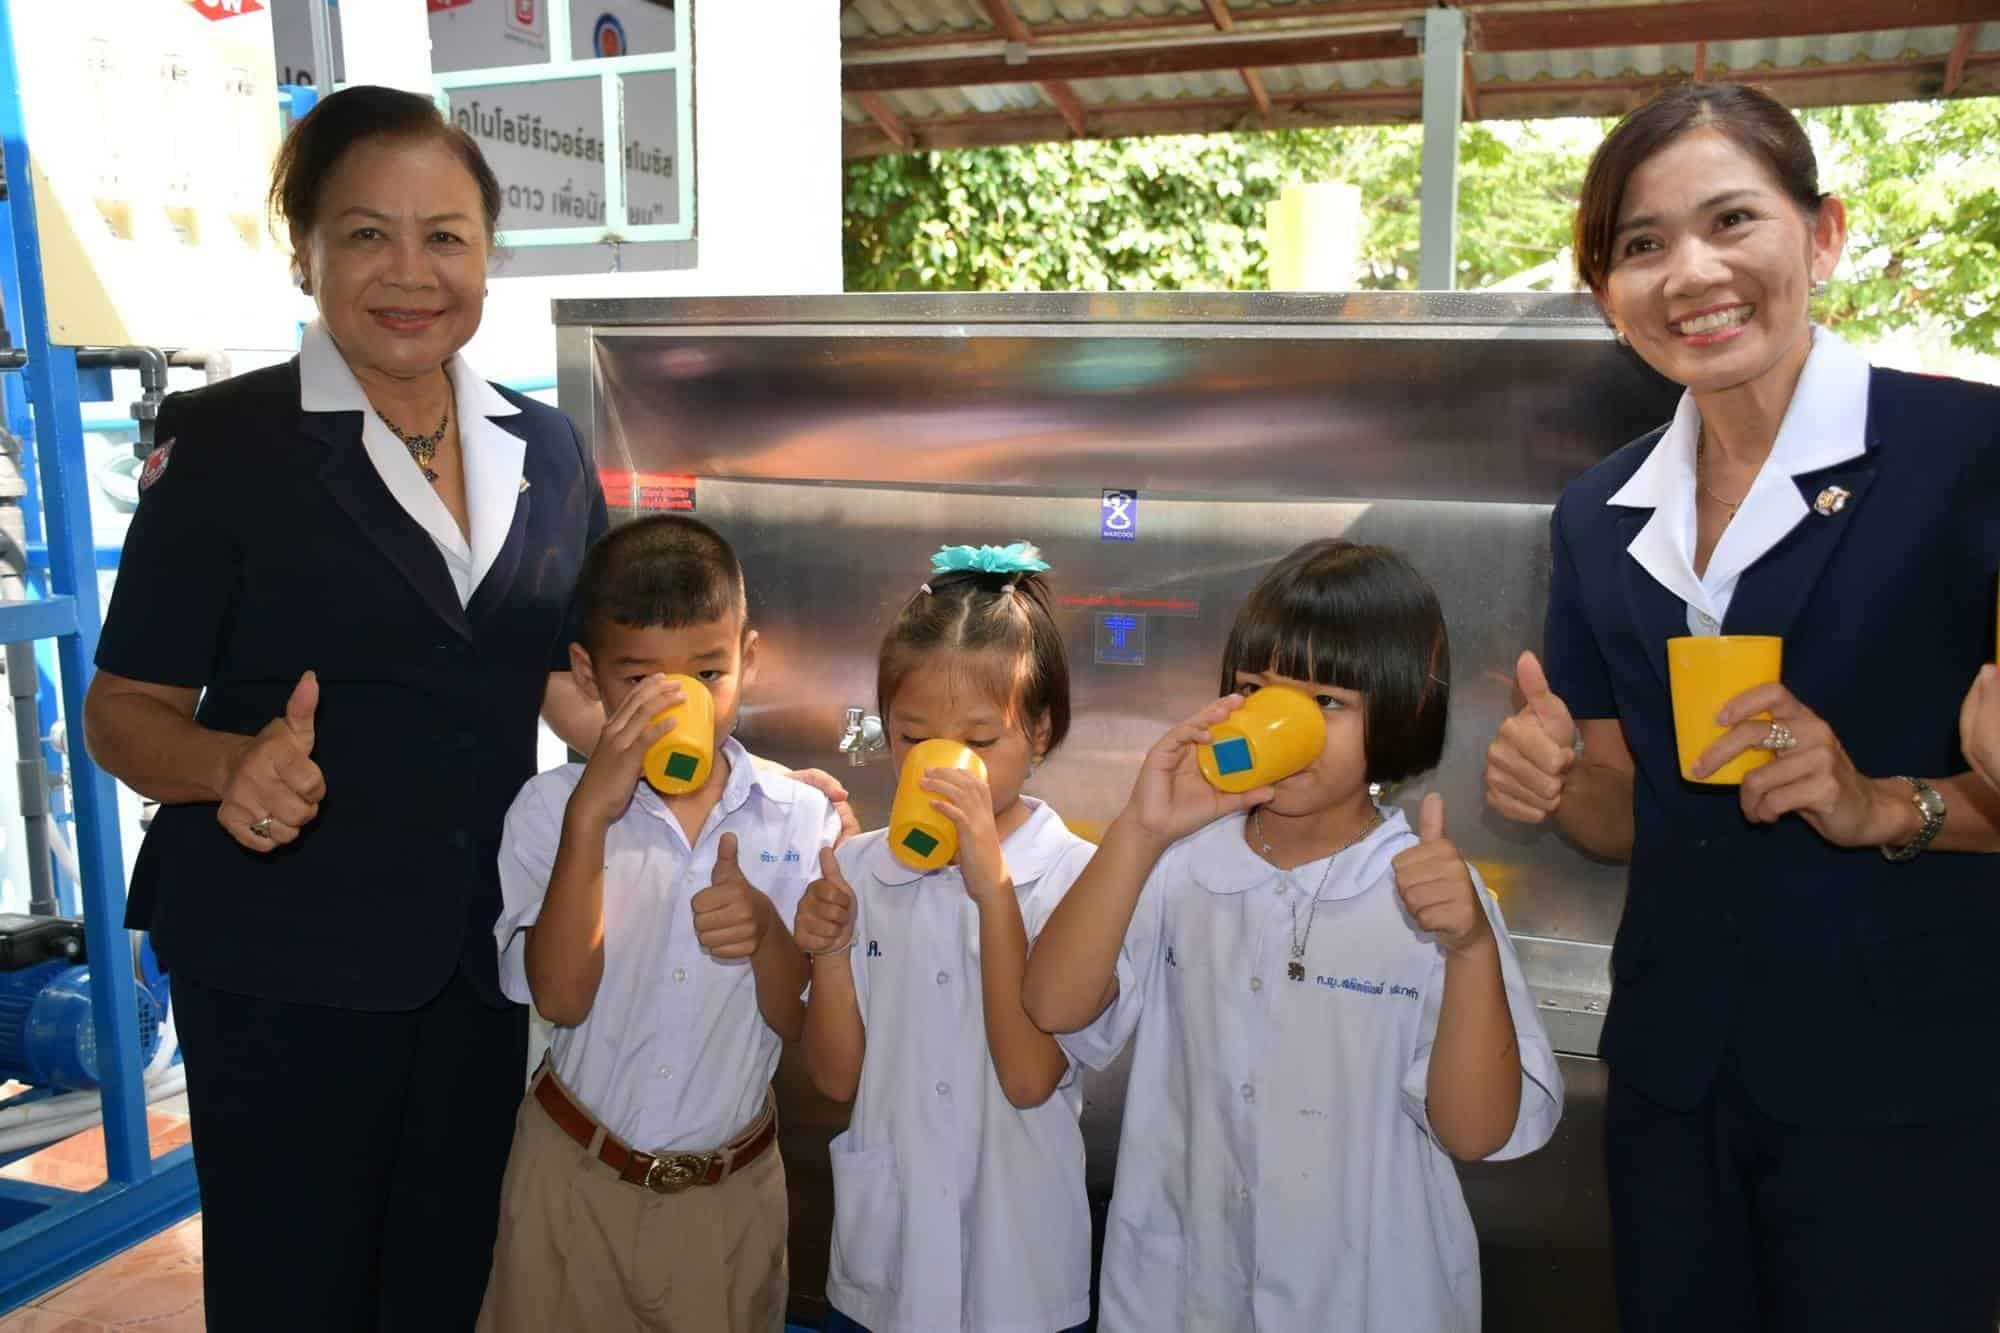 น้ำดื่มสะอาด กาชาด-ดาว เพื่อนักเรียน